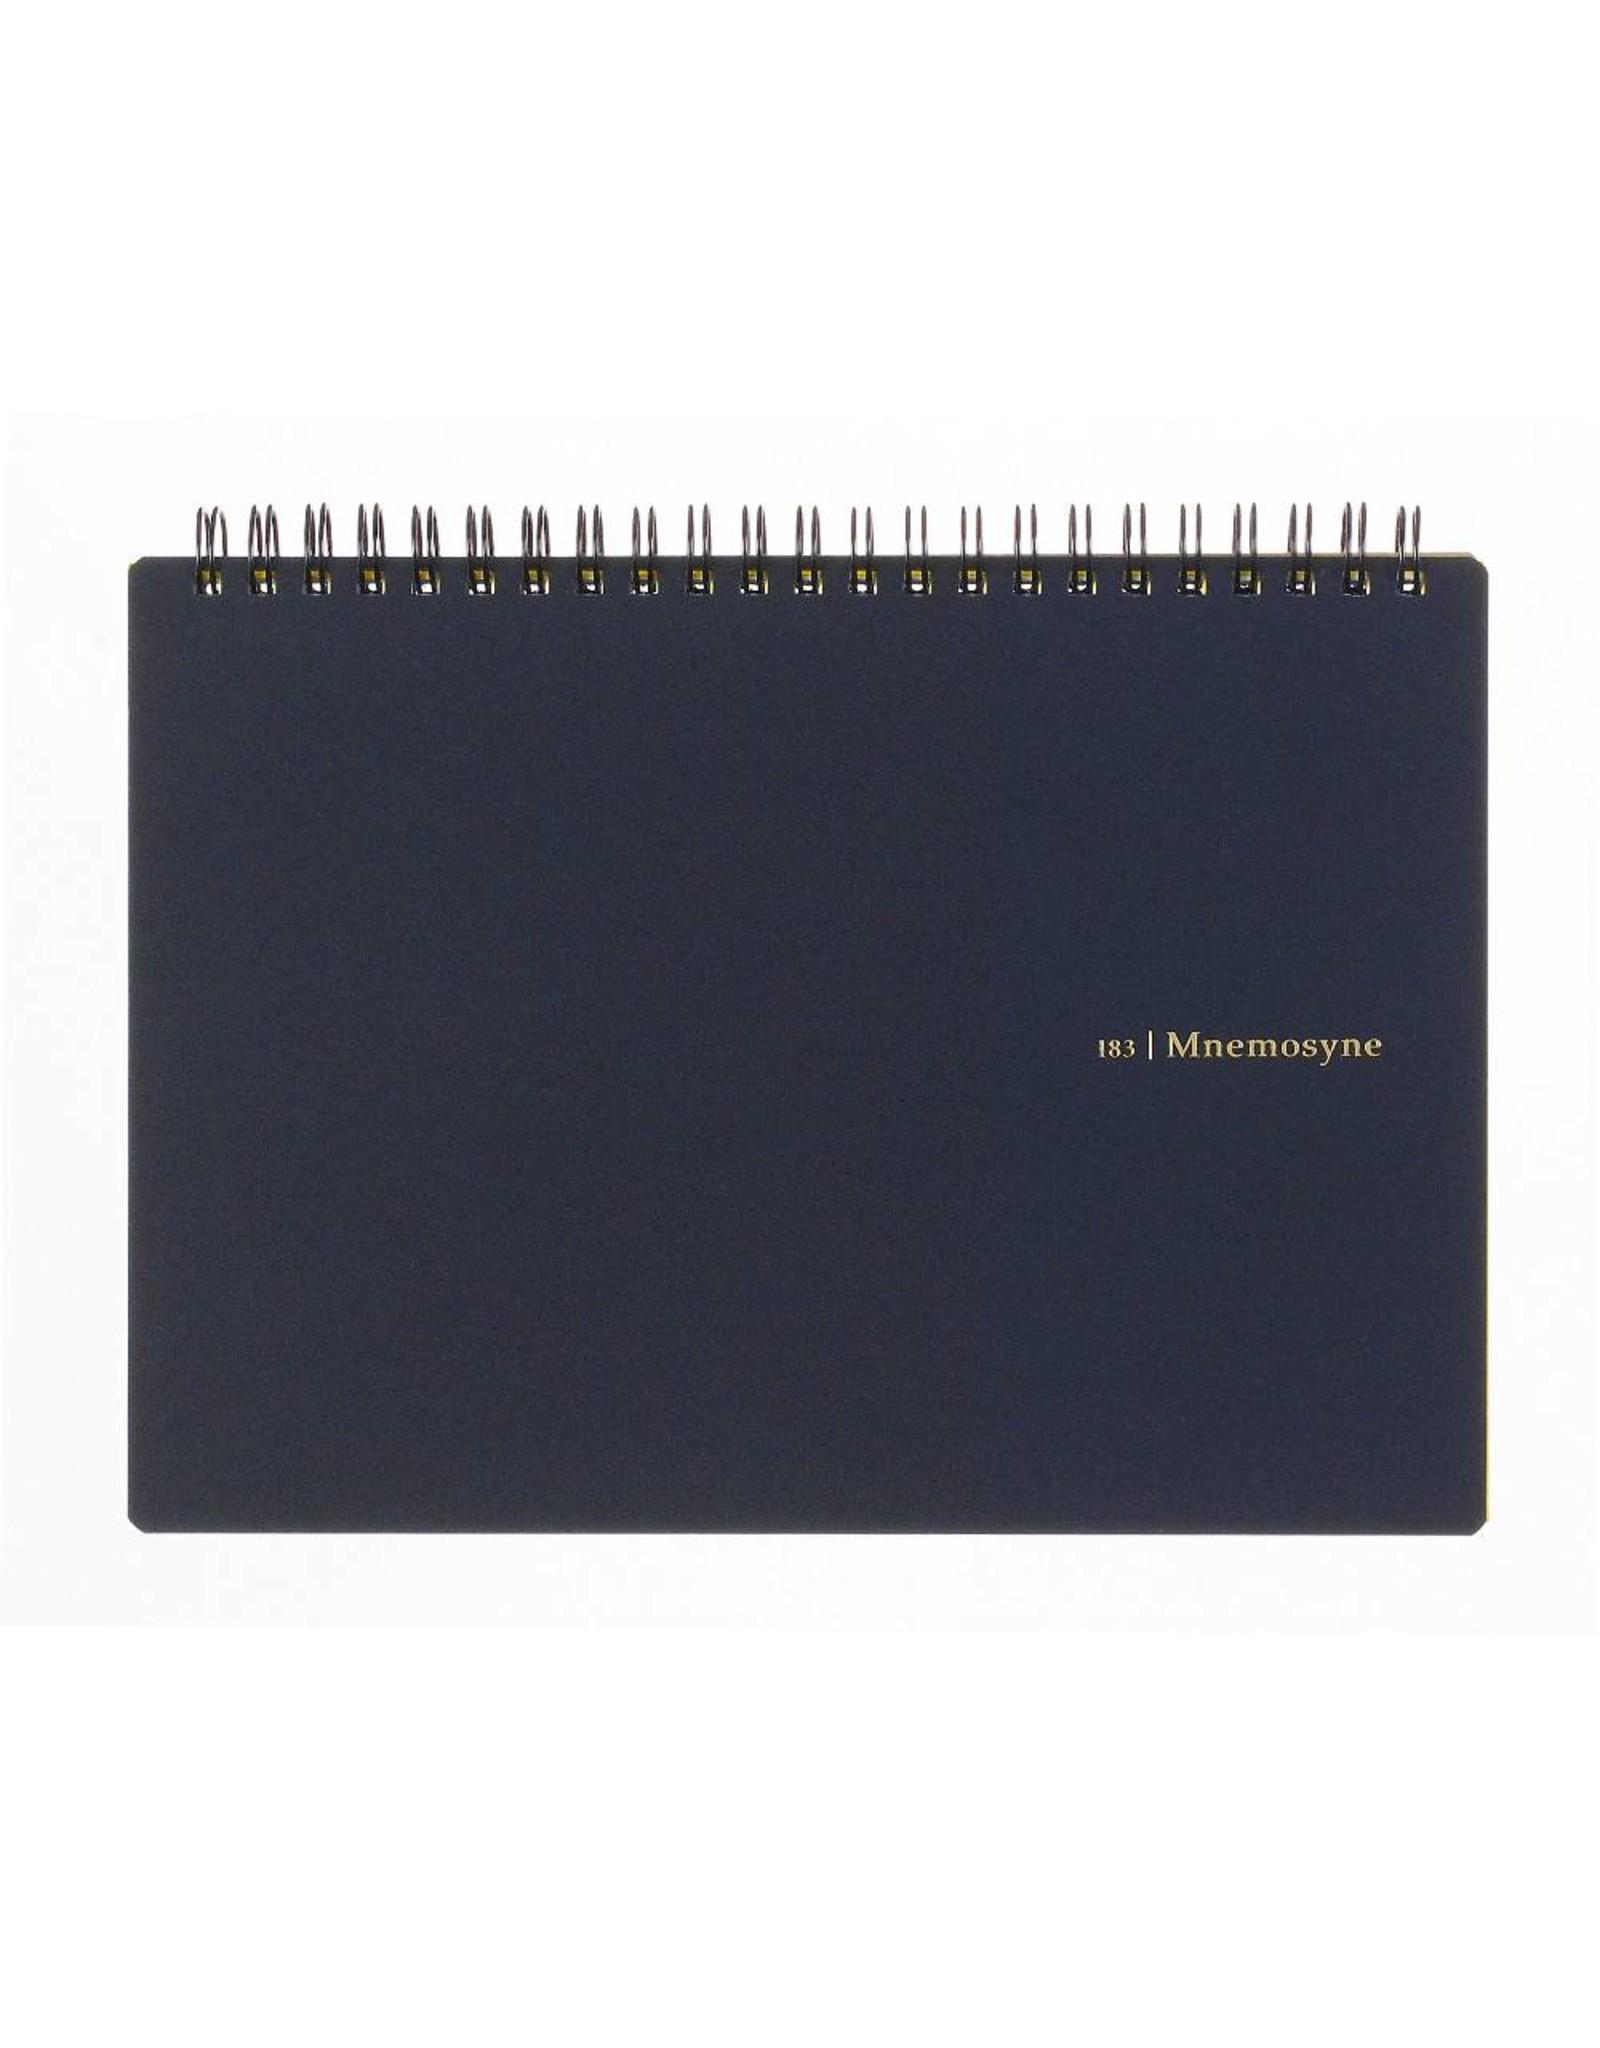 MARUMAN N183A MNEMOSYNE NOTEBOOK PLAIN A5